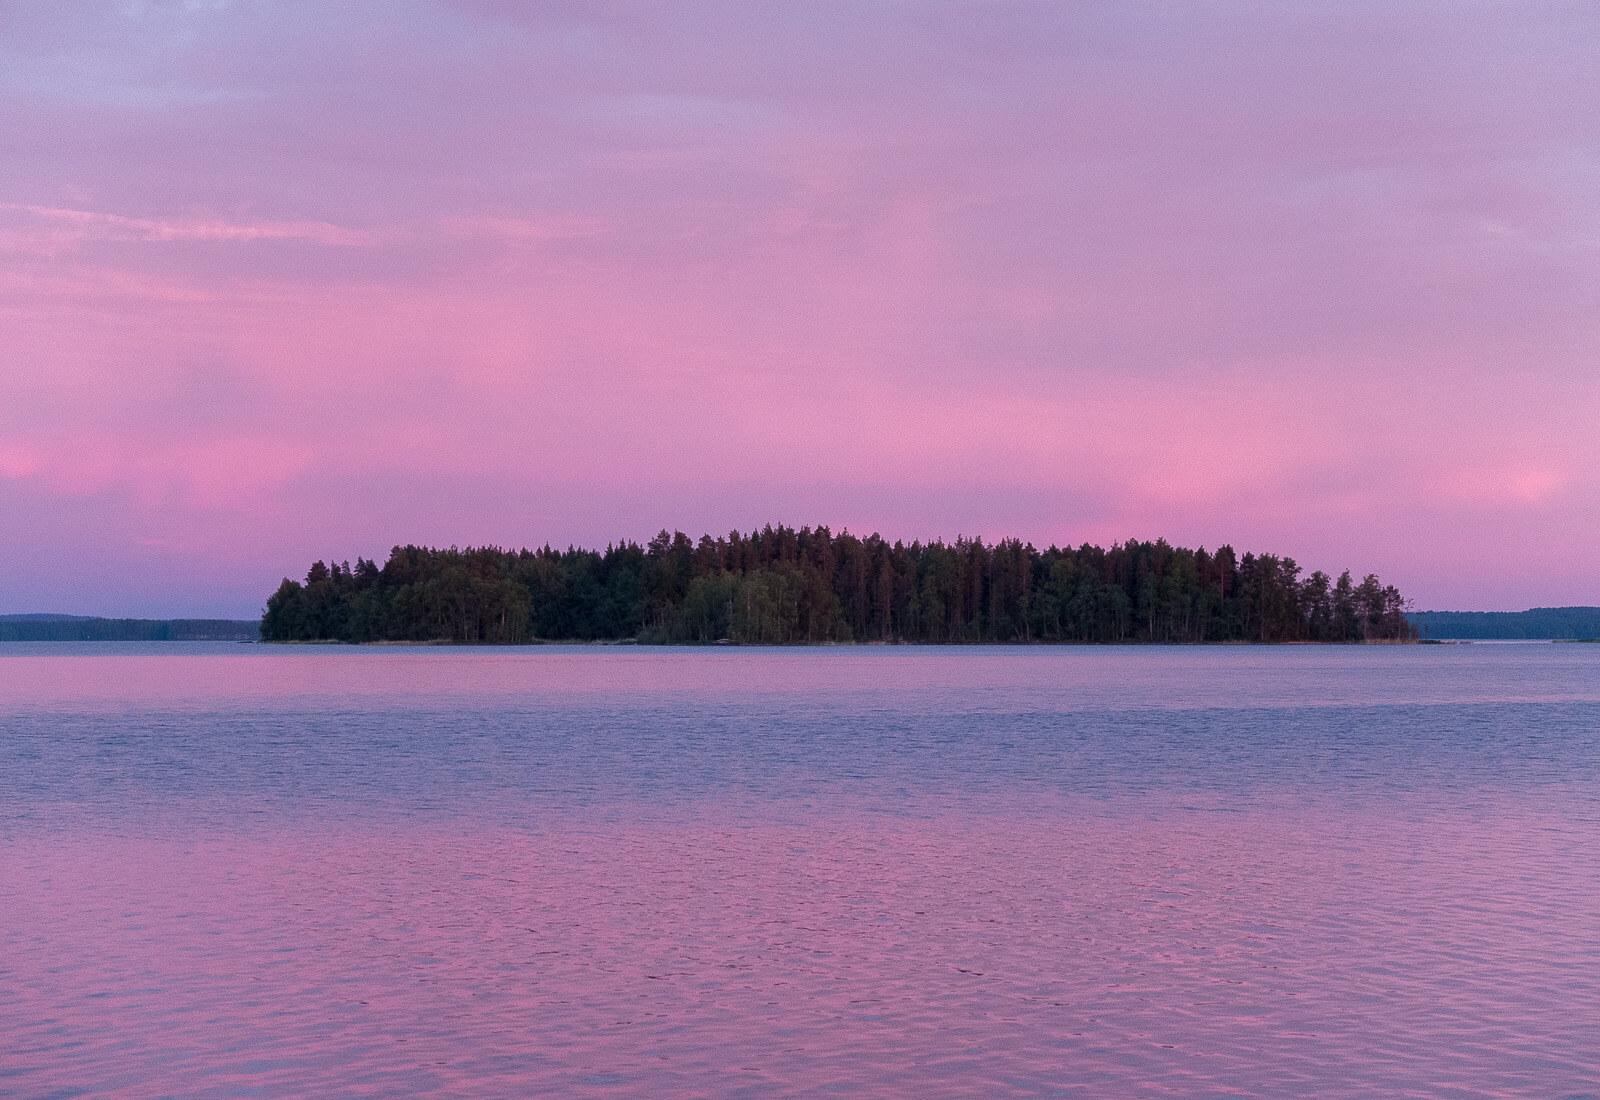 Pojezierze fińskie kajakiem. Tak wygląda największa kraina jezior na świecie